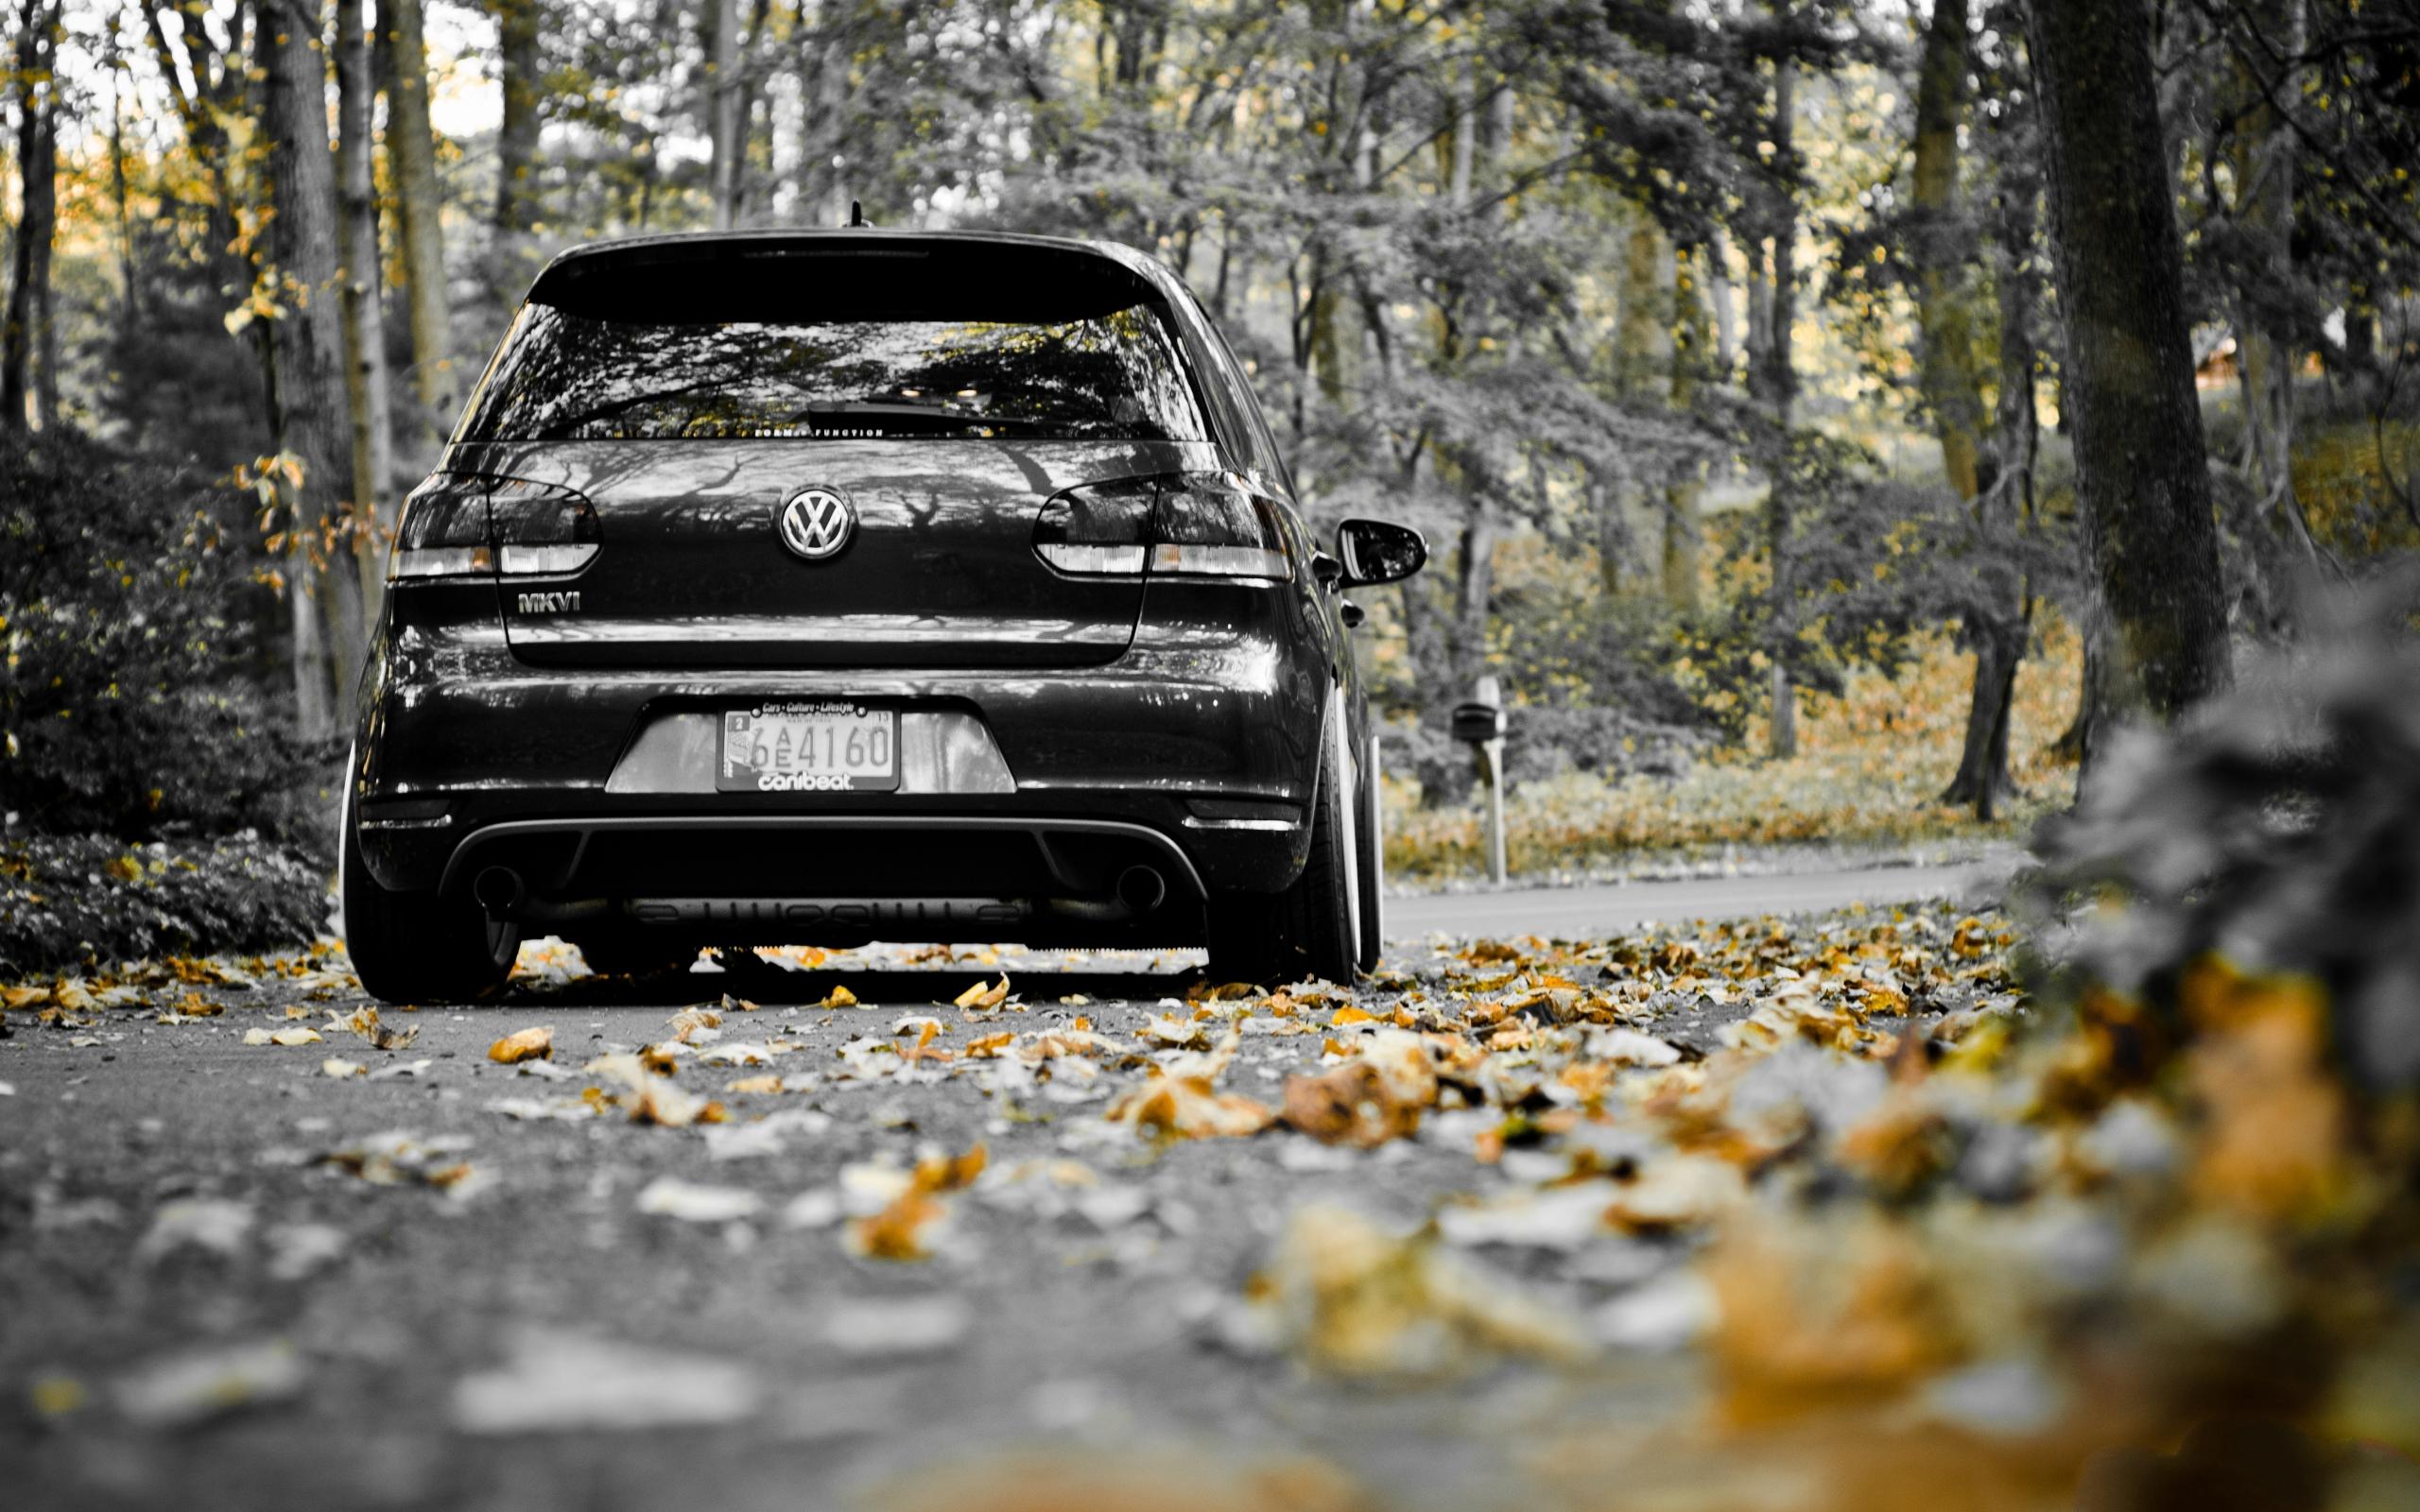 37564 скачать обои Транспорт, Машины, Фольксваген (Volkswagen) - заставки и картинки бесплатно